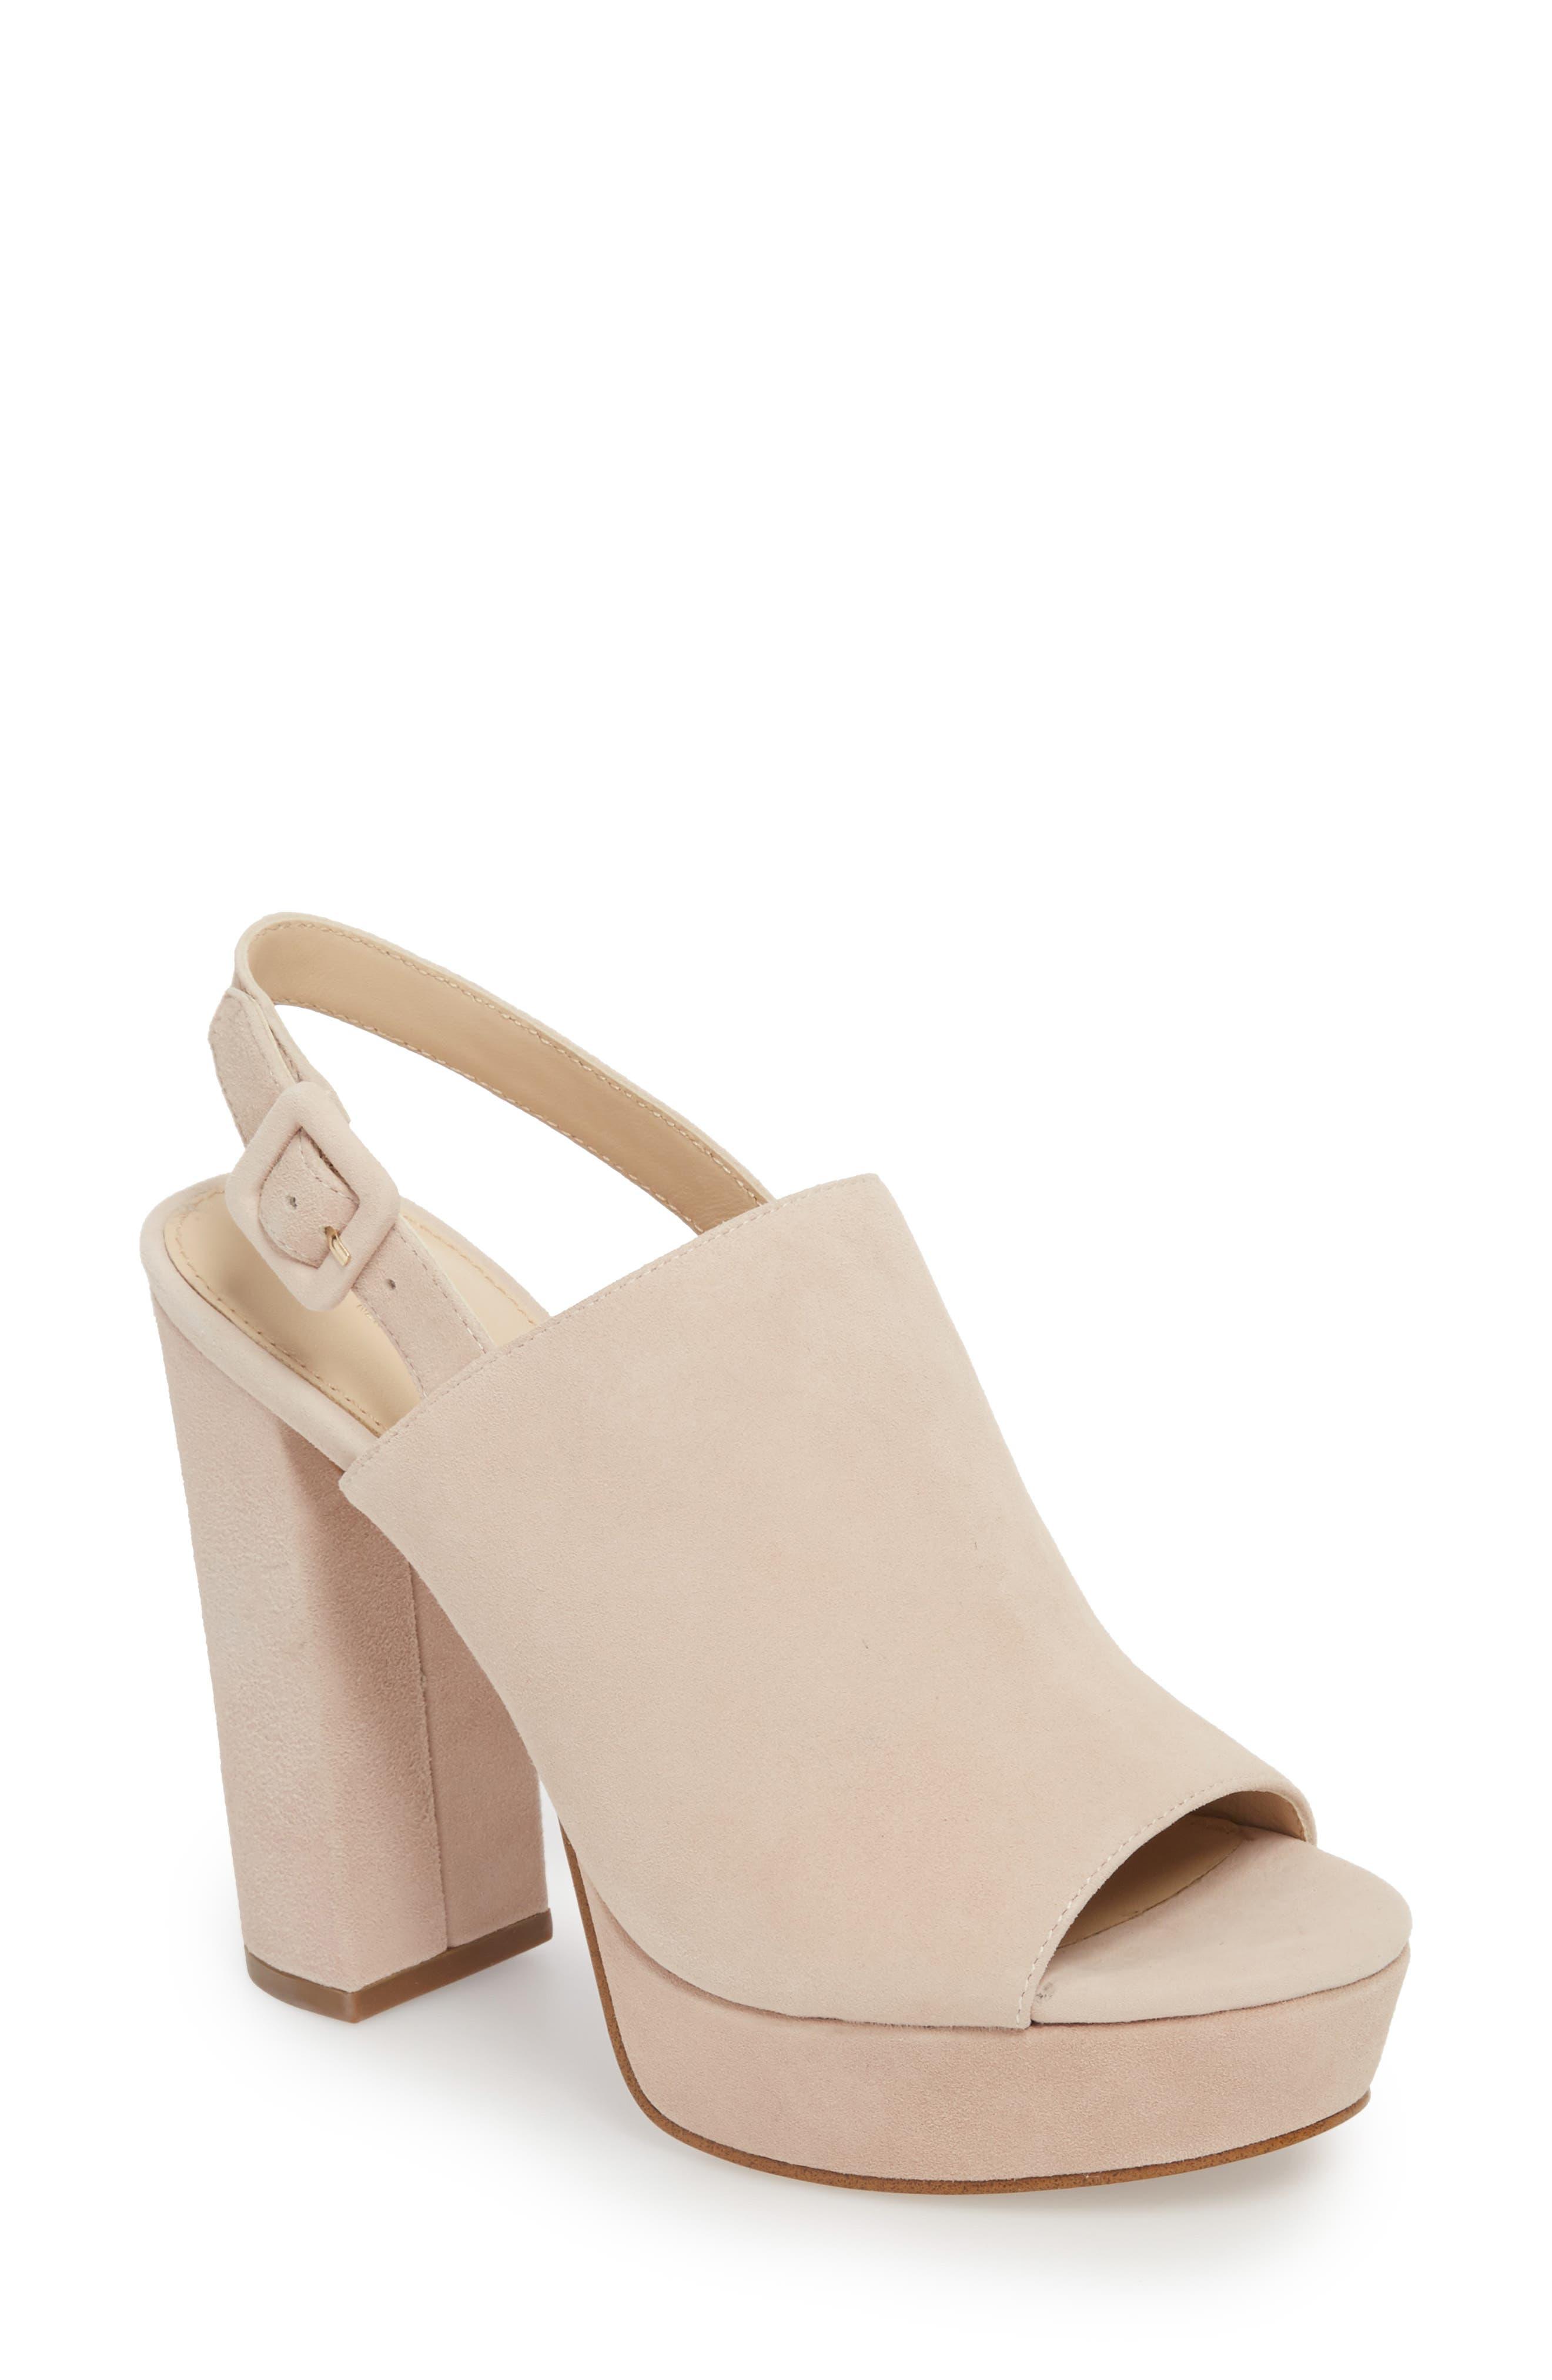 Jolene Platform Sandal,                             Main thumbnail 1, color,                             Blush Suede